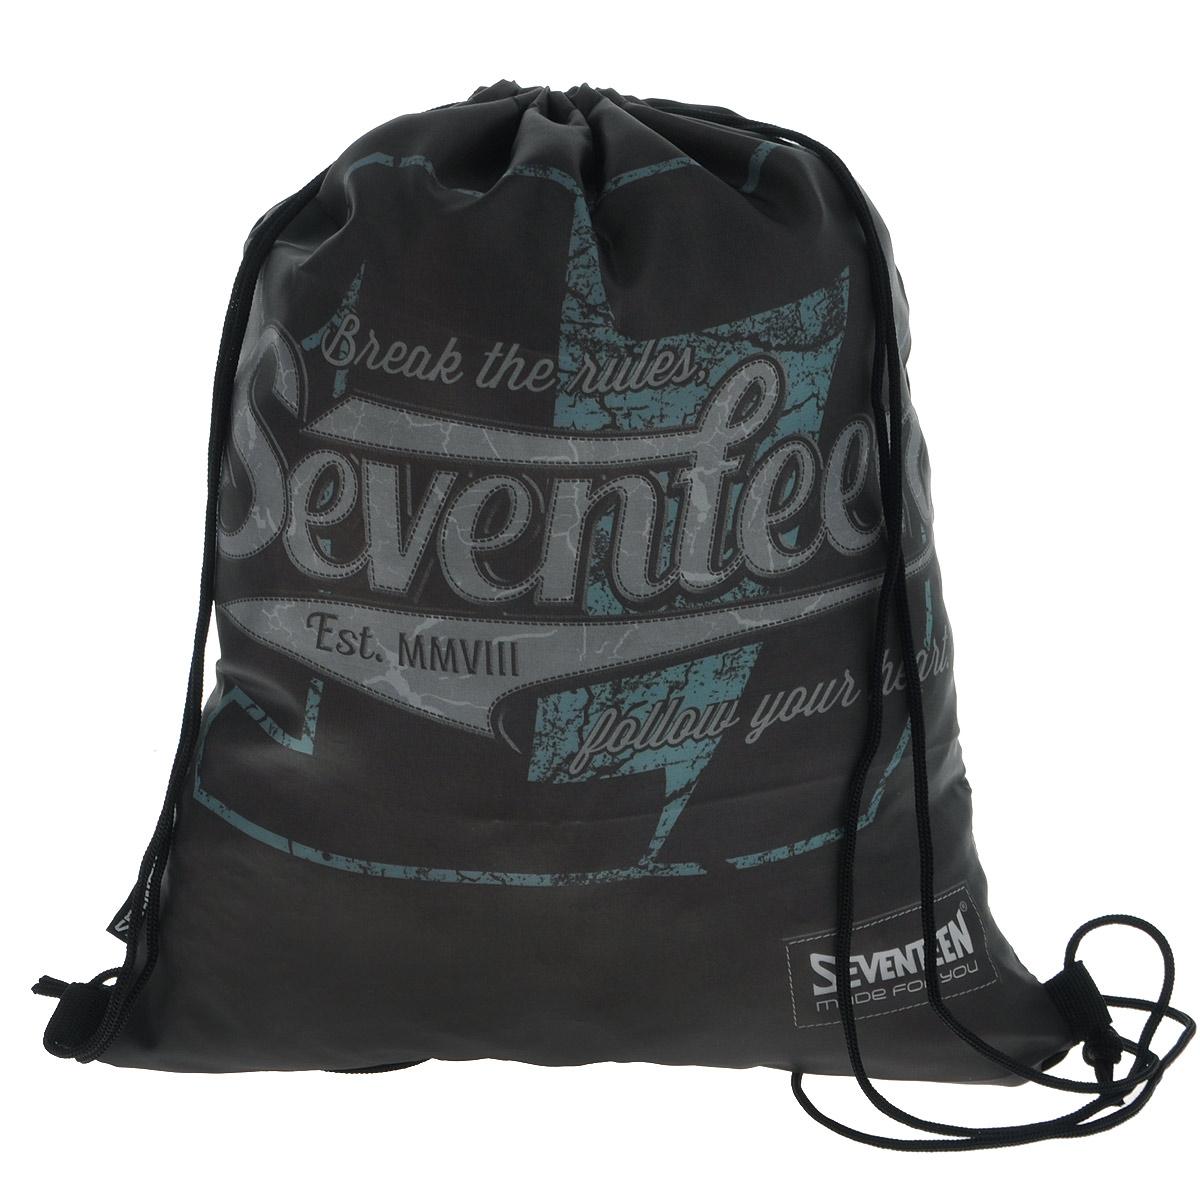 Seventeen Сумка-рюкзак для обуви цвет черный SVCB-RT4-883SVCB-RT4-883Сумка для сменной обуви Seventeen идеально подходит для хранения, для переноски сменной обуви и одежды.Сумка выполнена из прочного водонепроницаемого полиэстера и содержит одно вместительное отделение, затягивающееся с помощью текстильных шнурков. Шнурки фиксируются в нижней части сумки, благодаря чему ее можно носить за спиной как рюкзак. Ваш ребенок с радостью будет ходить с таким аксессуаром в школу.